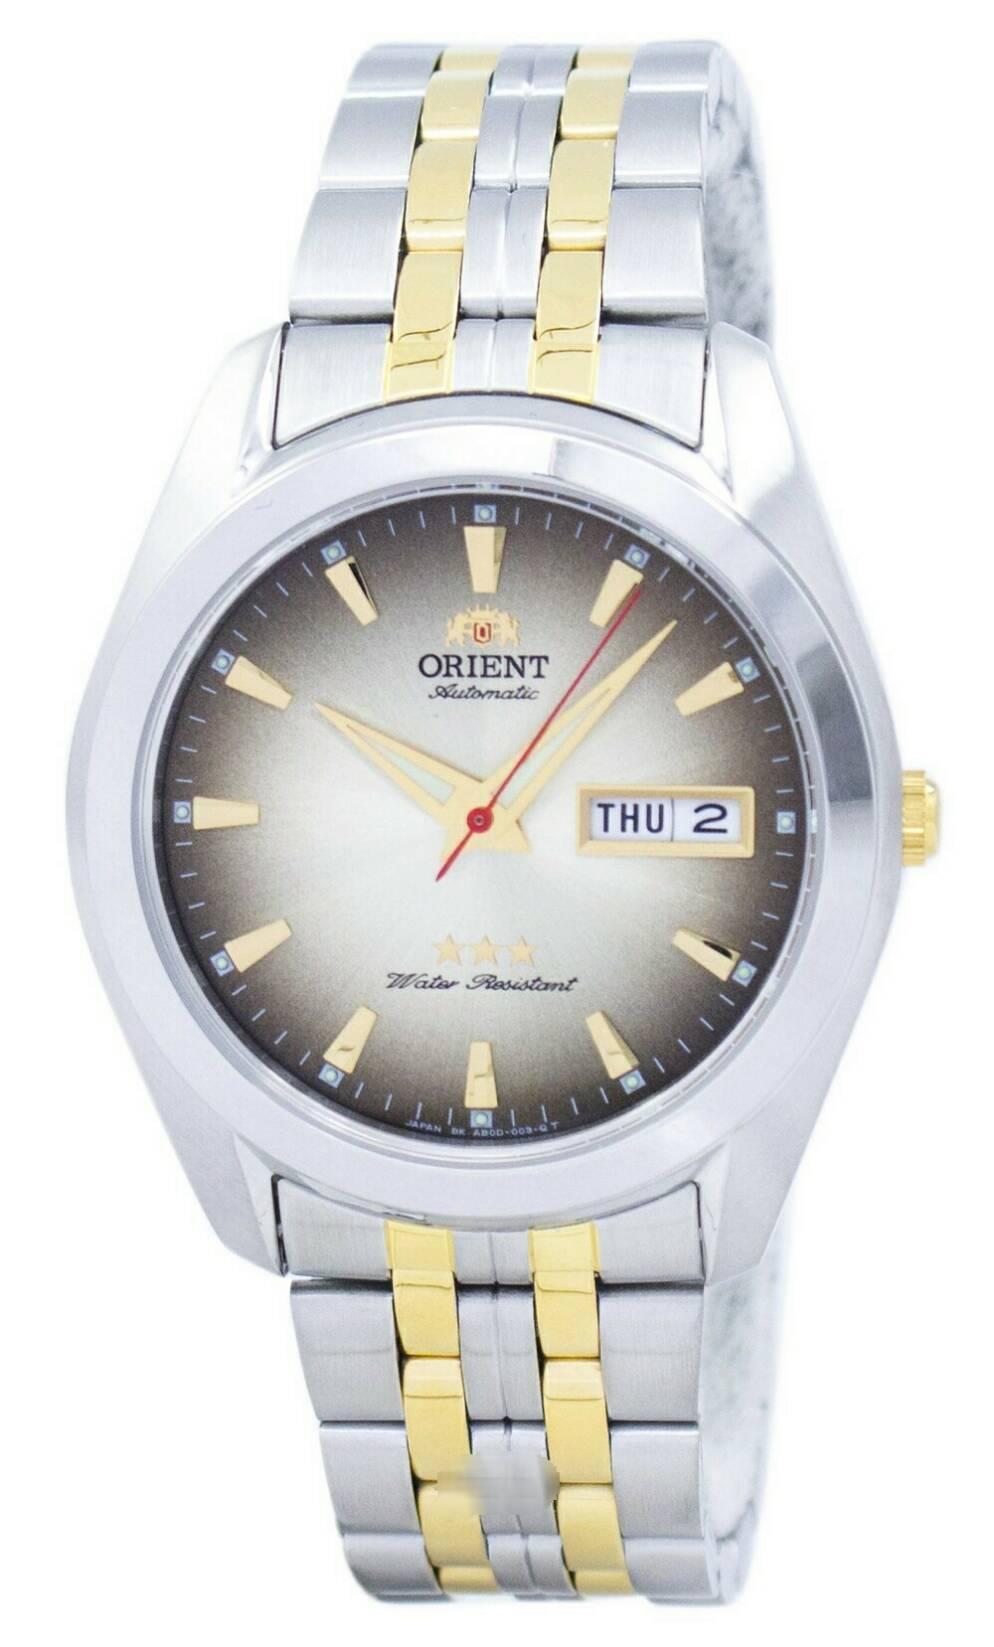 นาฬิกาผู้ชาย Orient รุ่น SAB0D002U8, Automatic Men's Watch